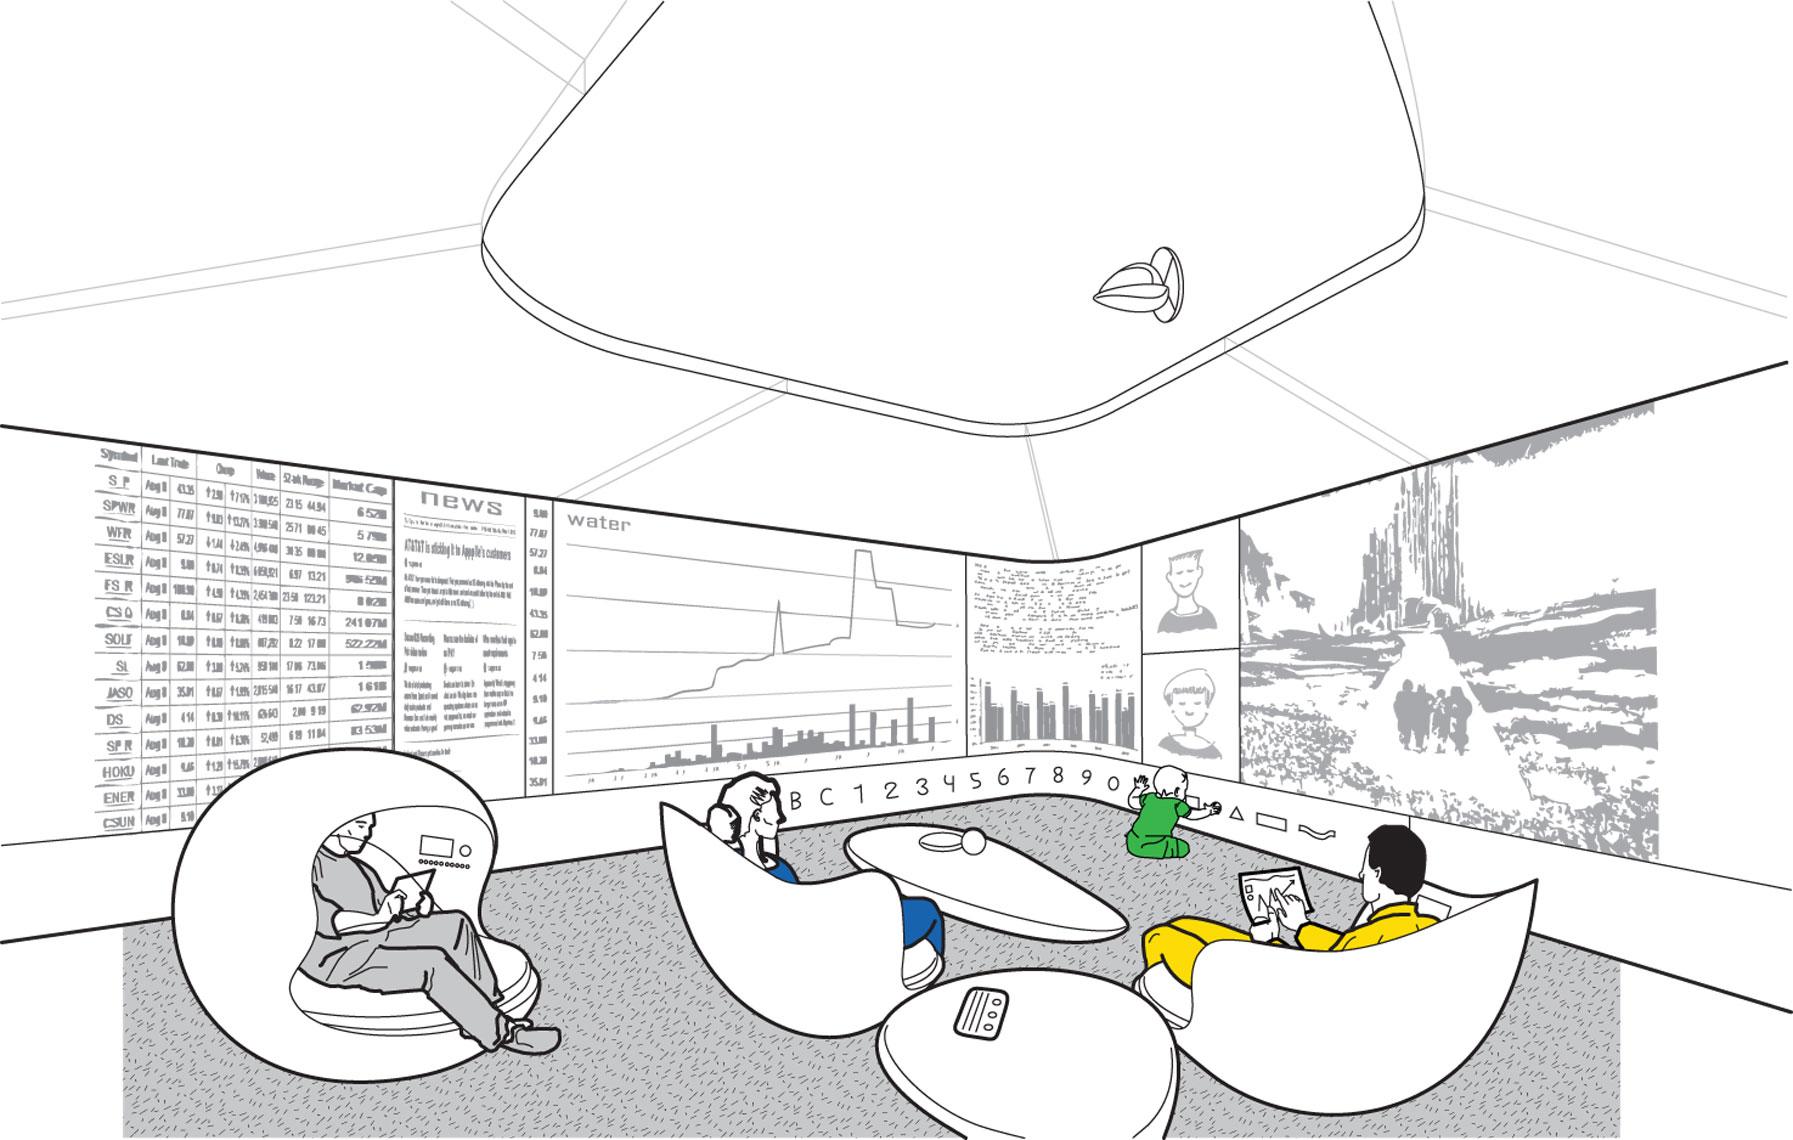 multigen_home_5_media-room.jpg